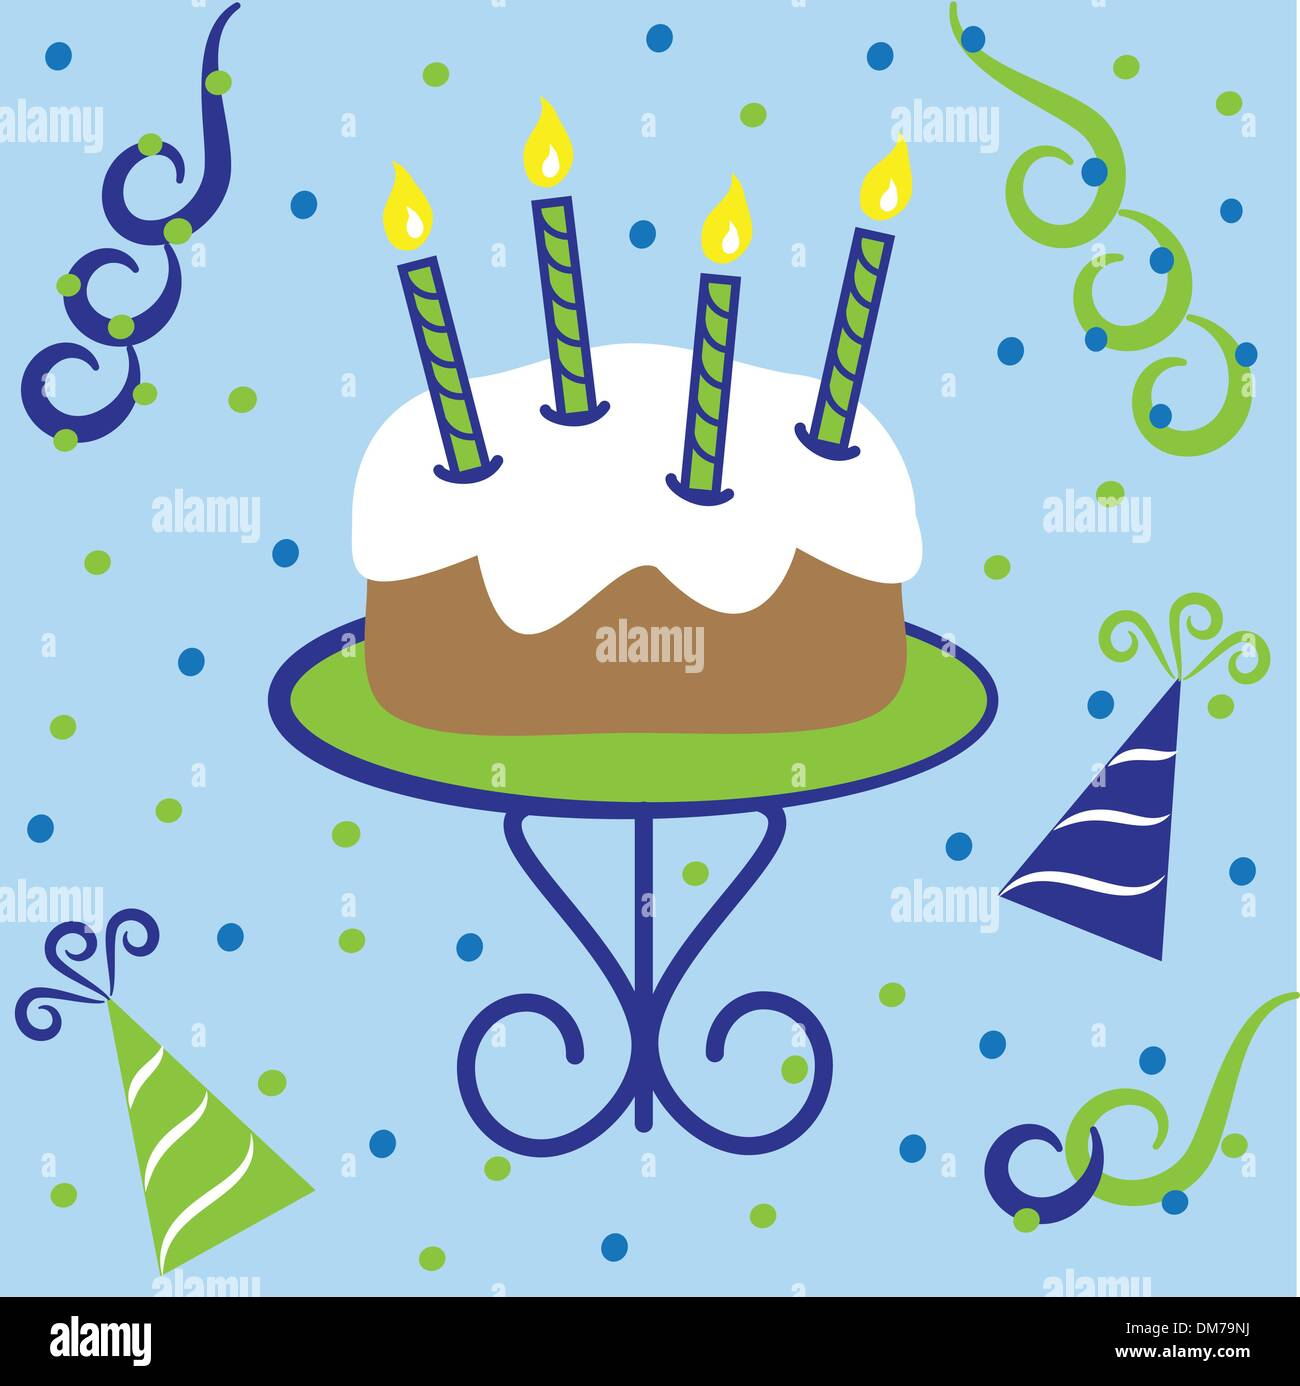 Happy Birthday Cake Vektor Abbildung